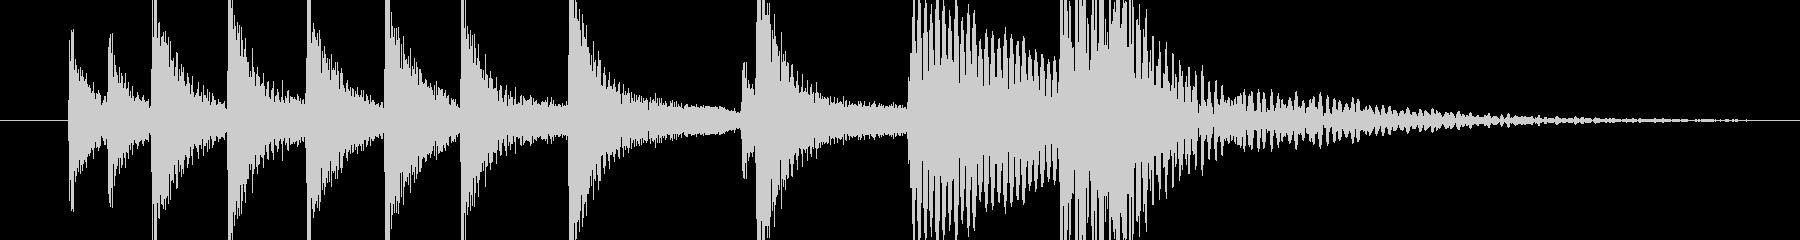 壺をたたいたエスニックな音の未再生の波形